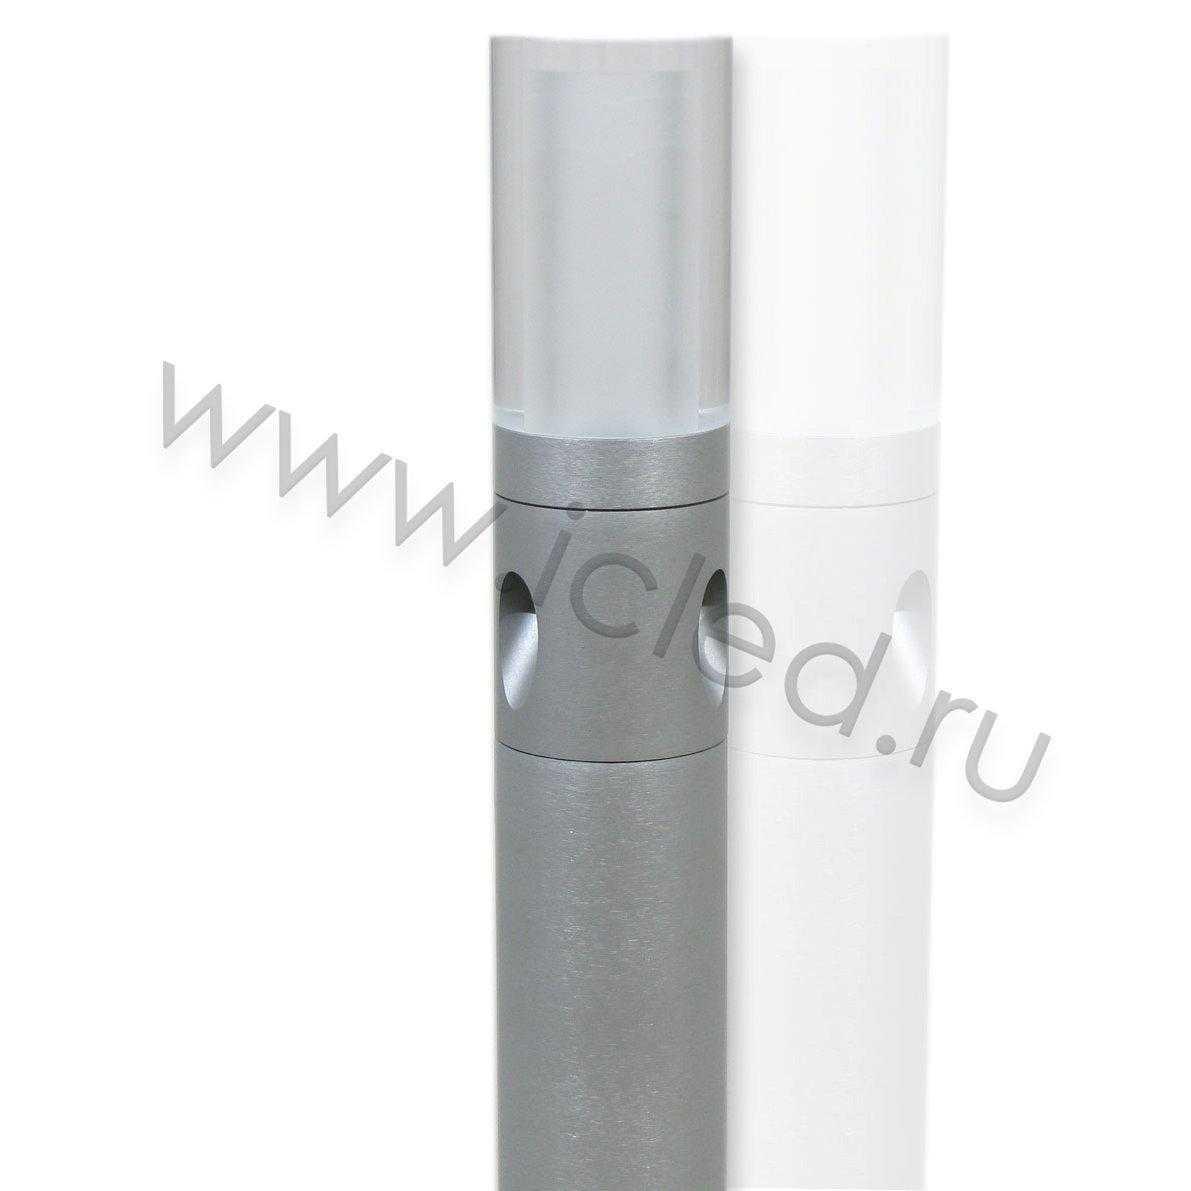 Светодиодный светильник столбик UCR7802D-500 TA, White